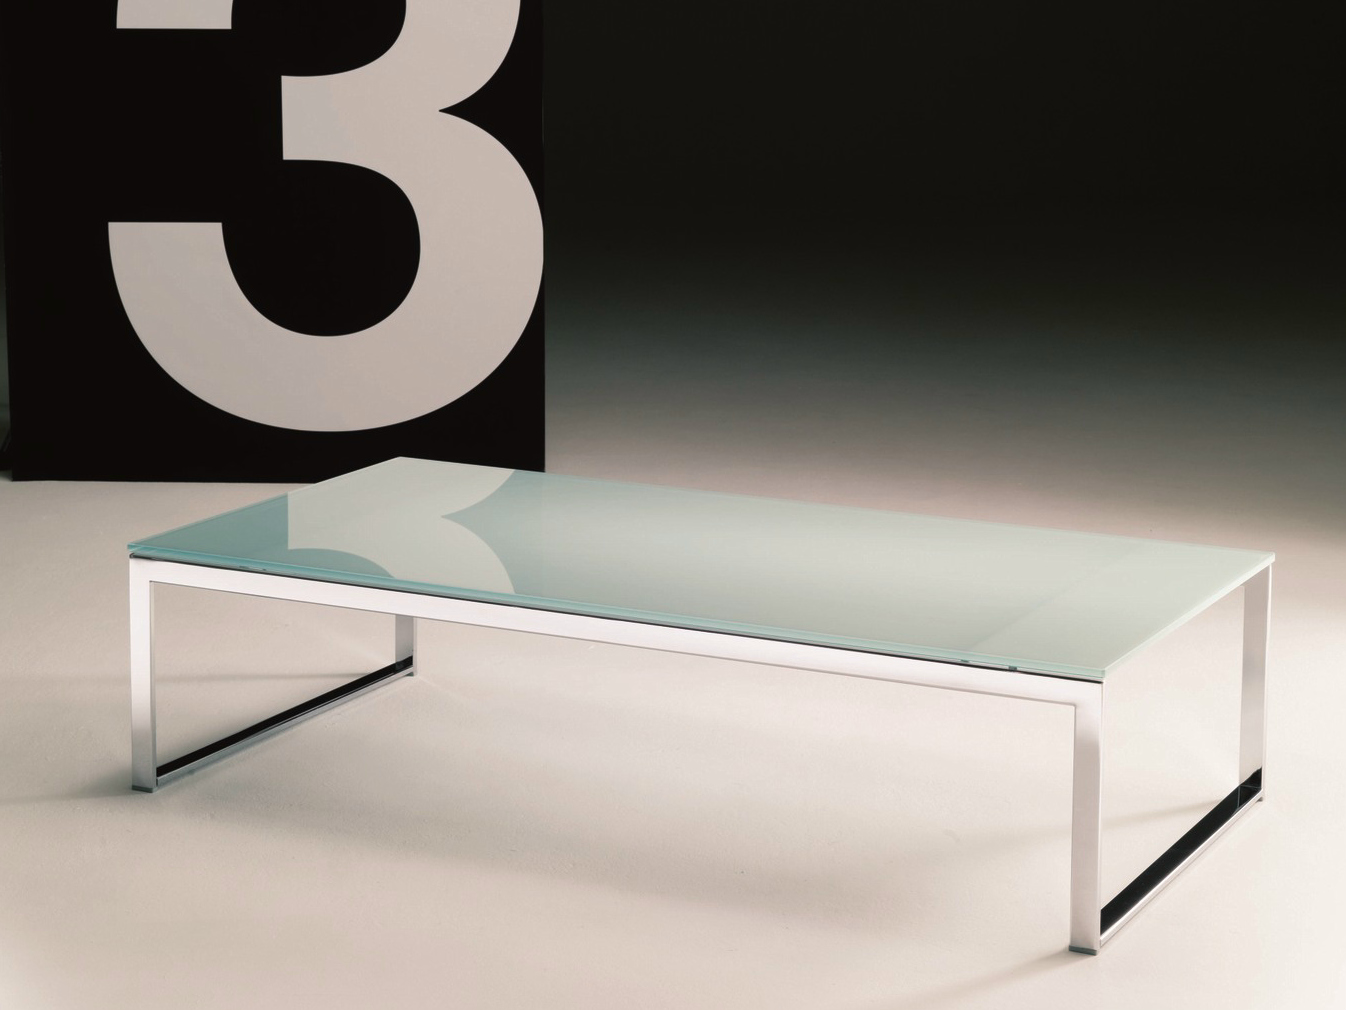 Hiphop tavolino rettangolare by bontempi casa design studio 28 for Tavolino cristallo salotto